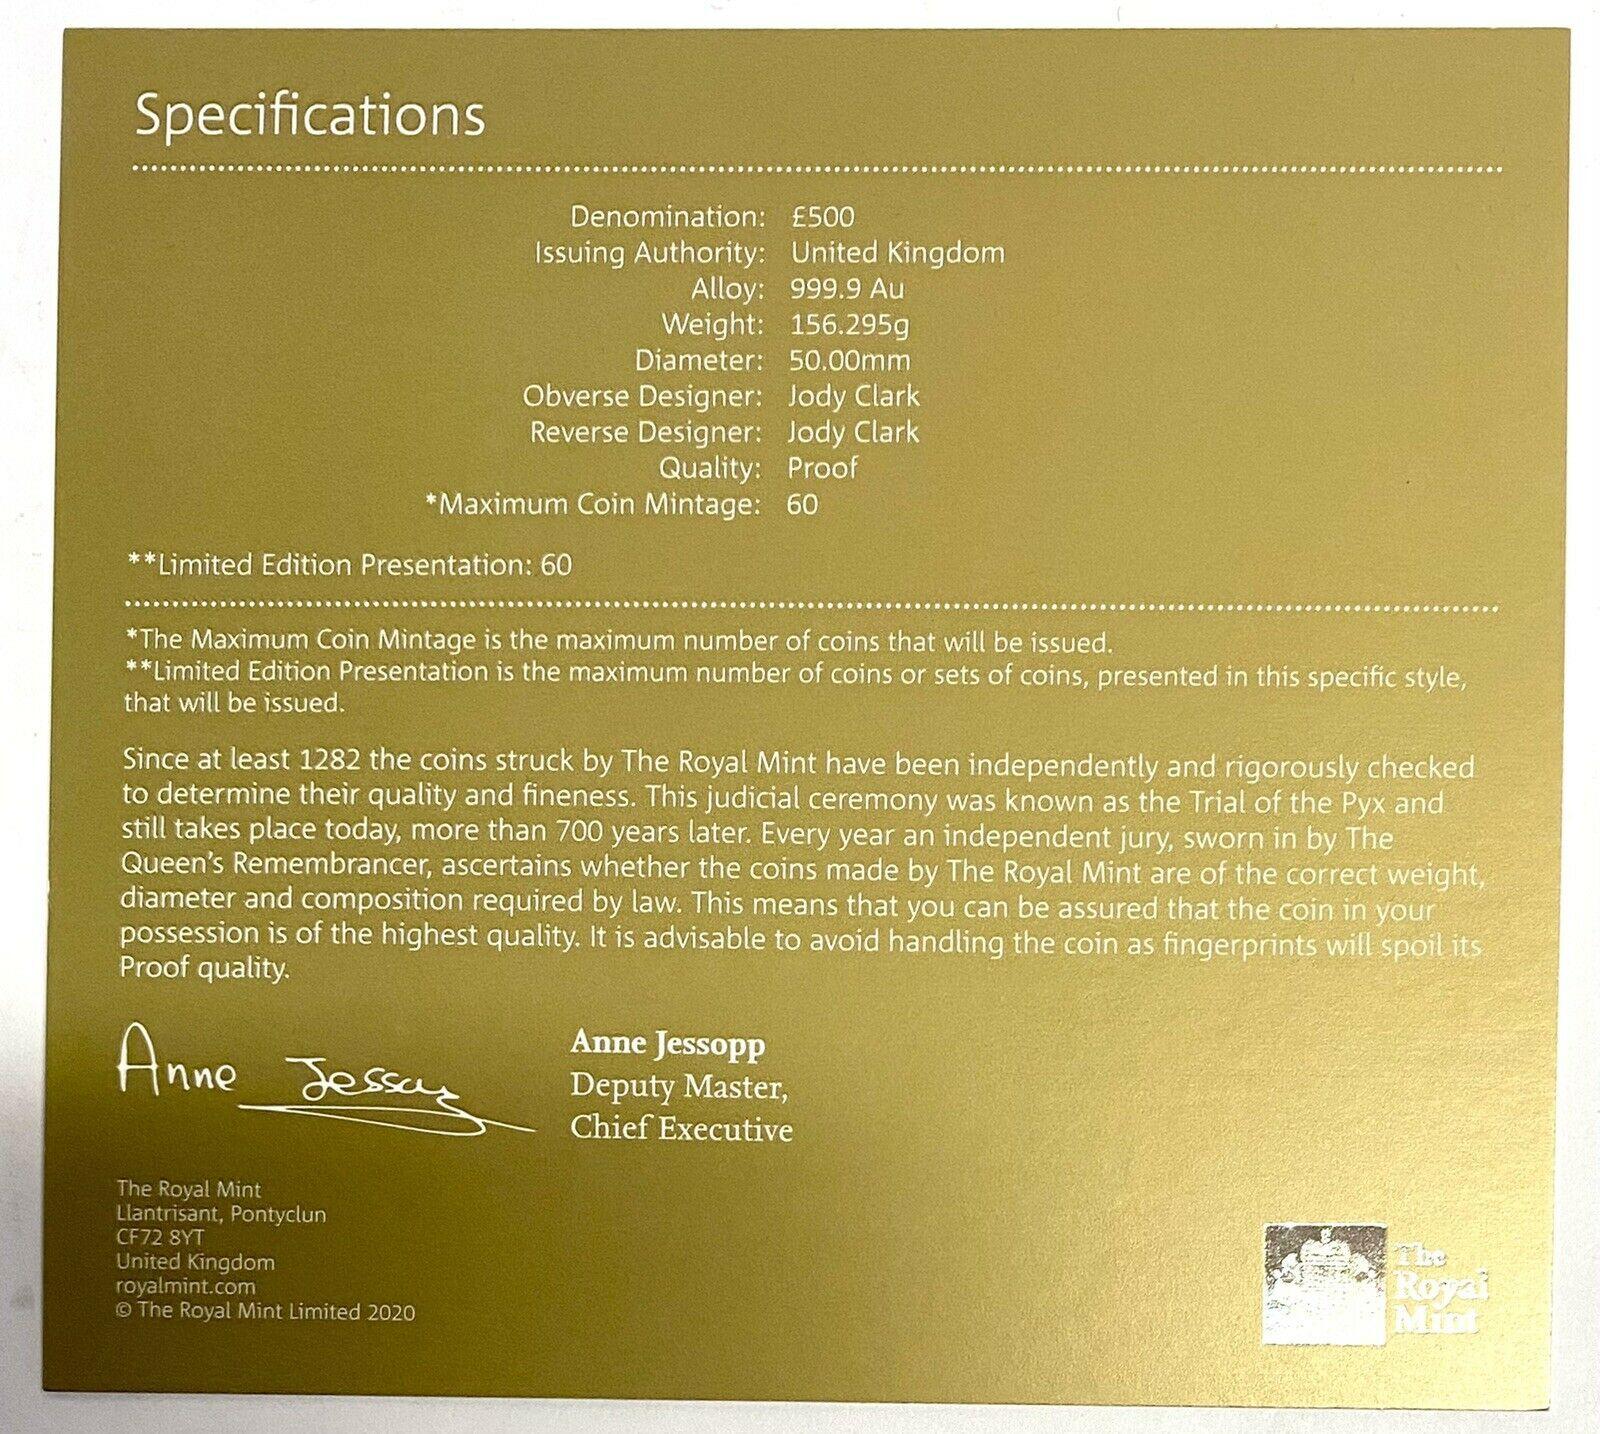 グレートブリテン 2020年 デヴィッド・ボウイ500ポンドプルーフ純金5オンス金貨NGC-PF70UCAMファーストリリース オリジナル箱付き